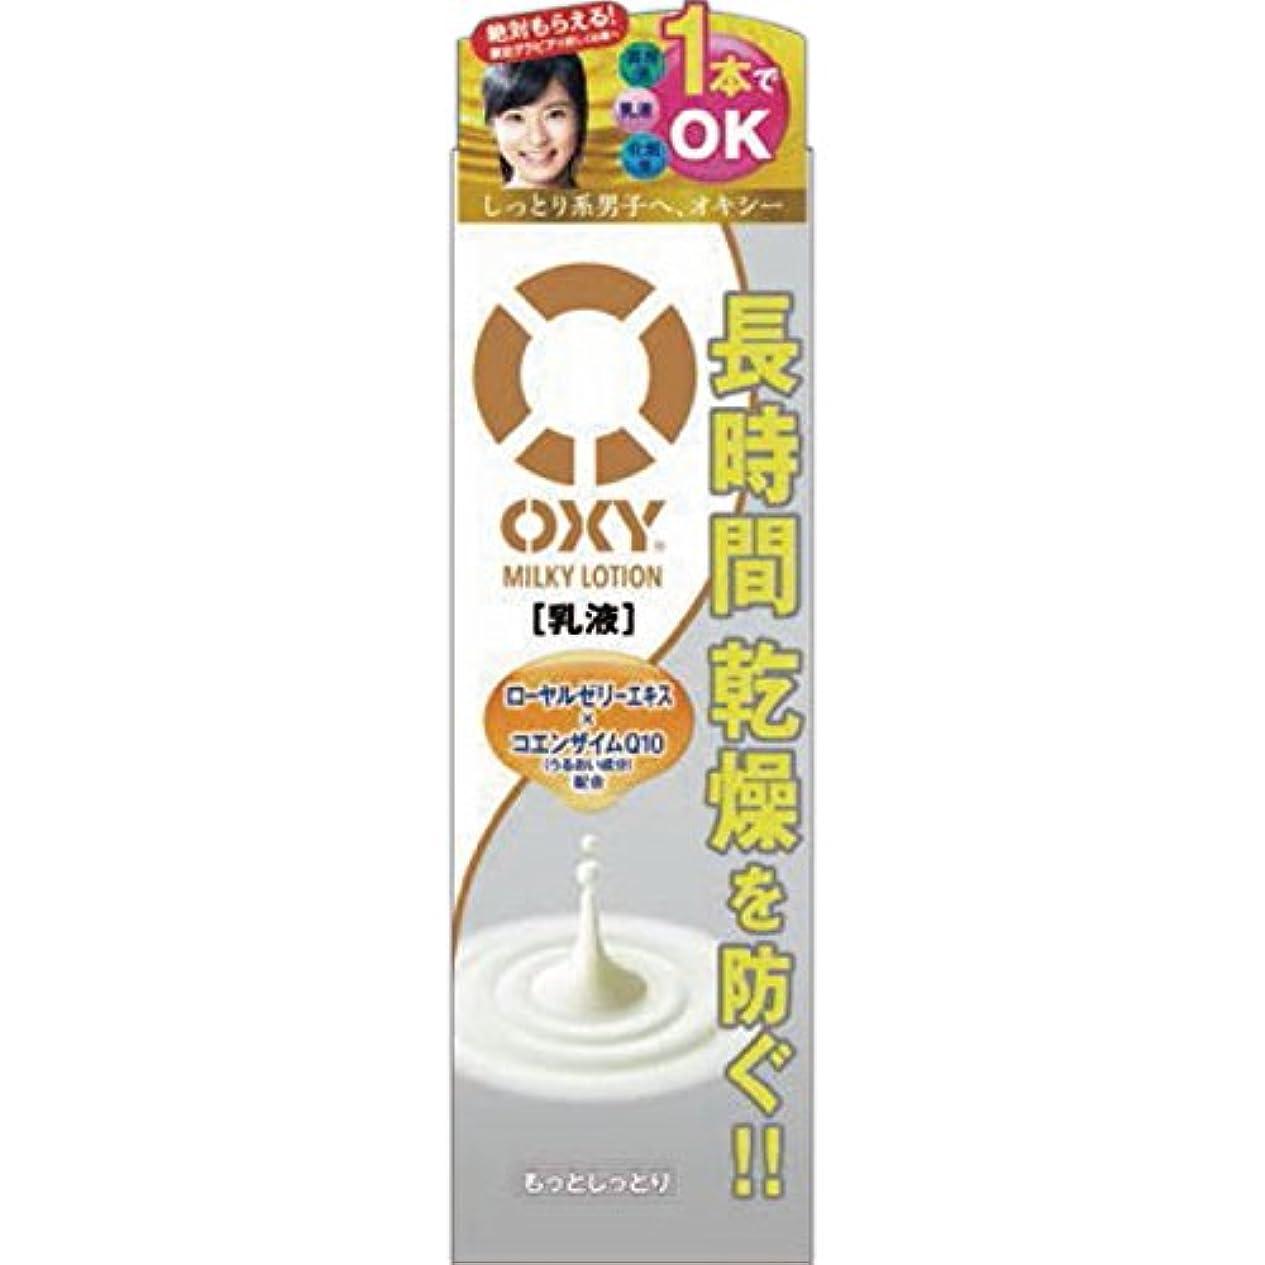 必需品びんハブブオキシー (Oxy) ミルキーローション オールインワン乳液 スーパーヒアルロン酸×ローヤルゼリー配合 ゼラニウムの香 170mL